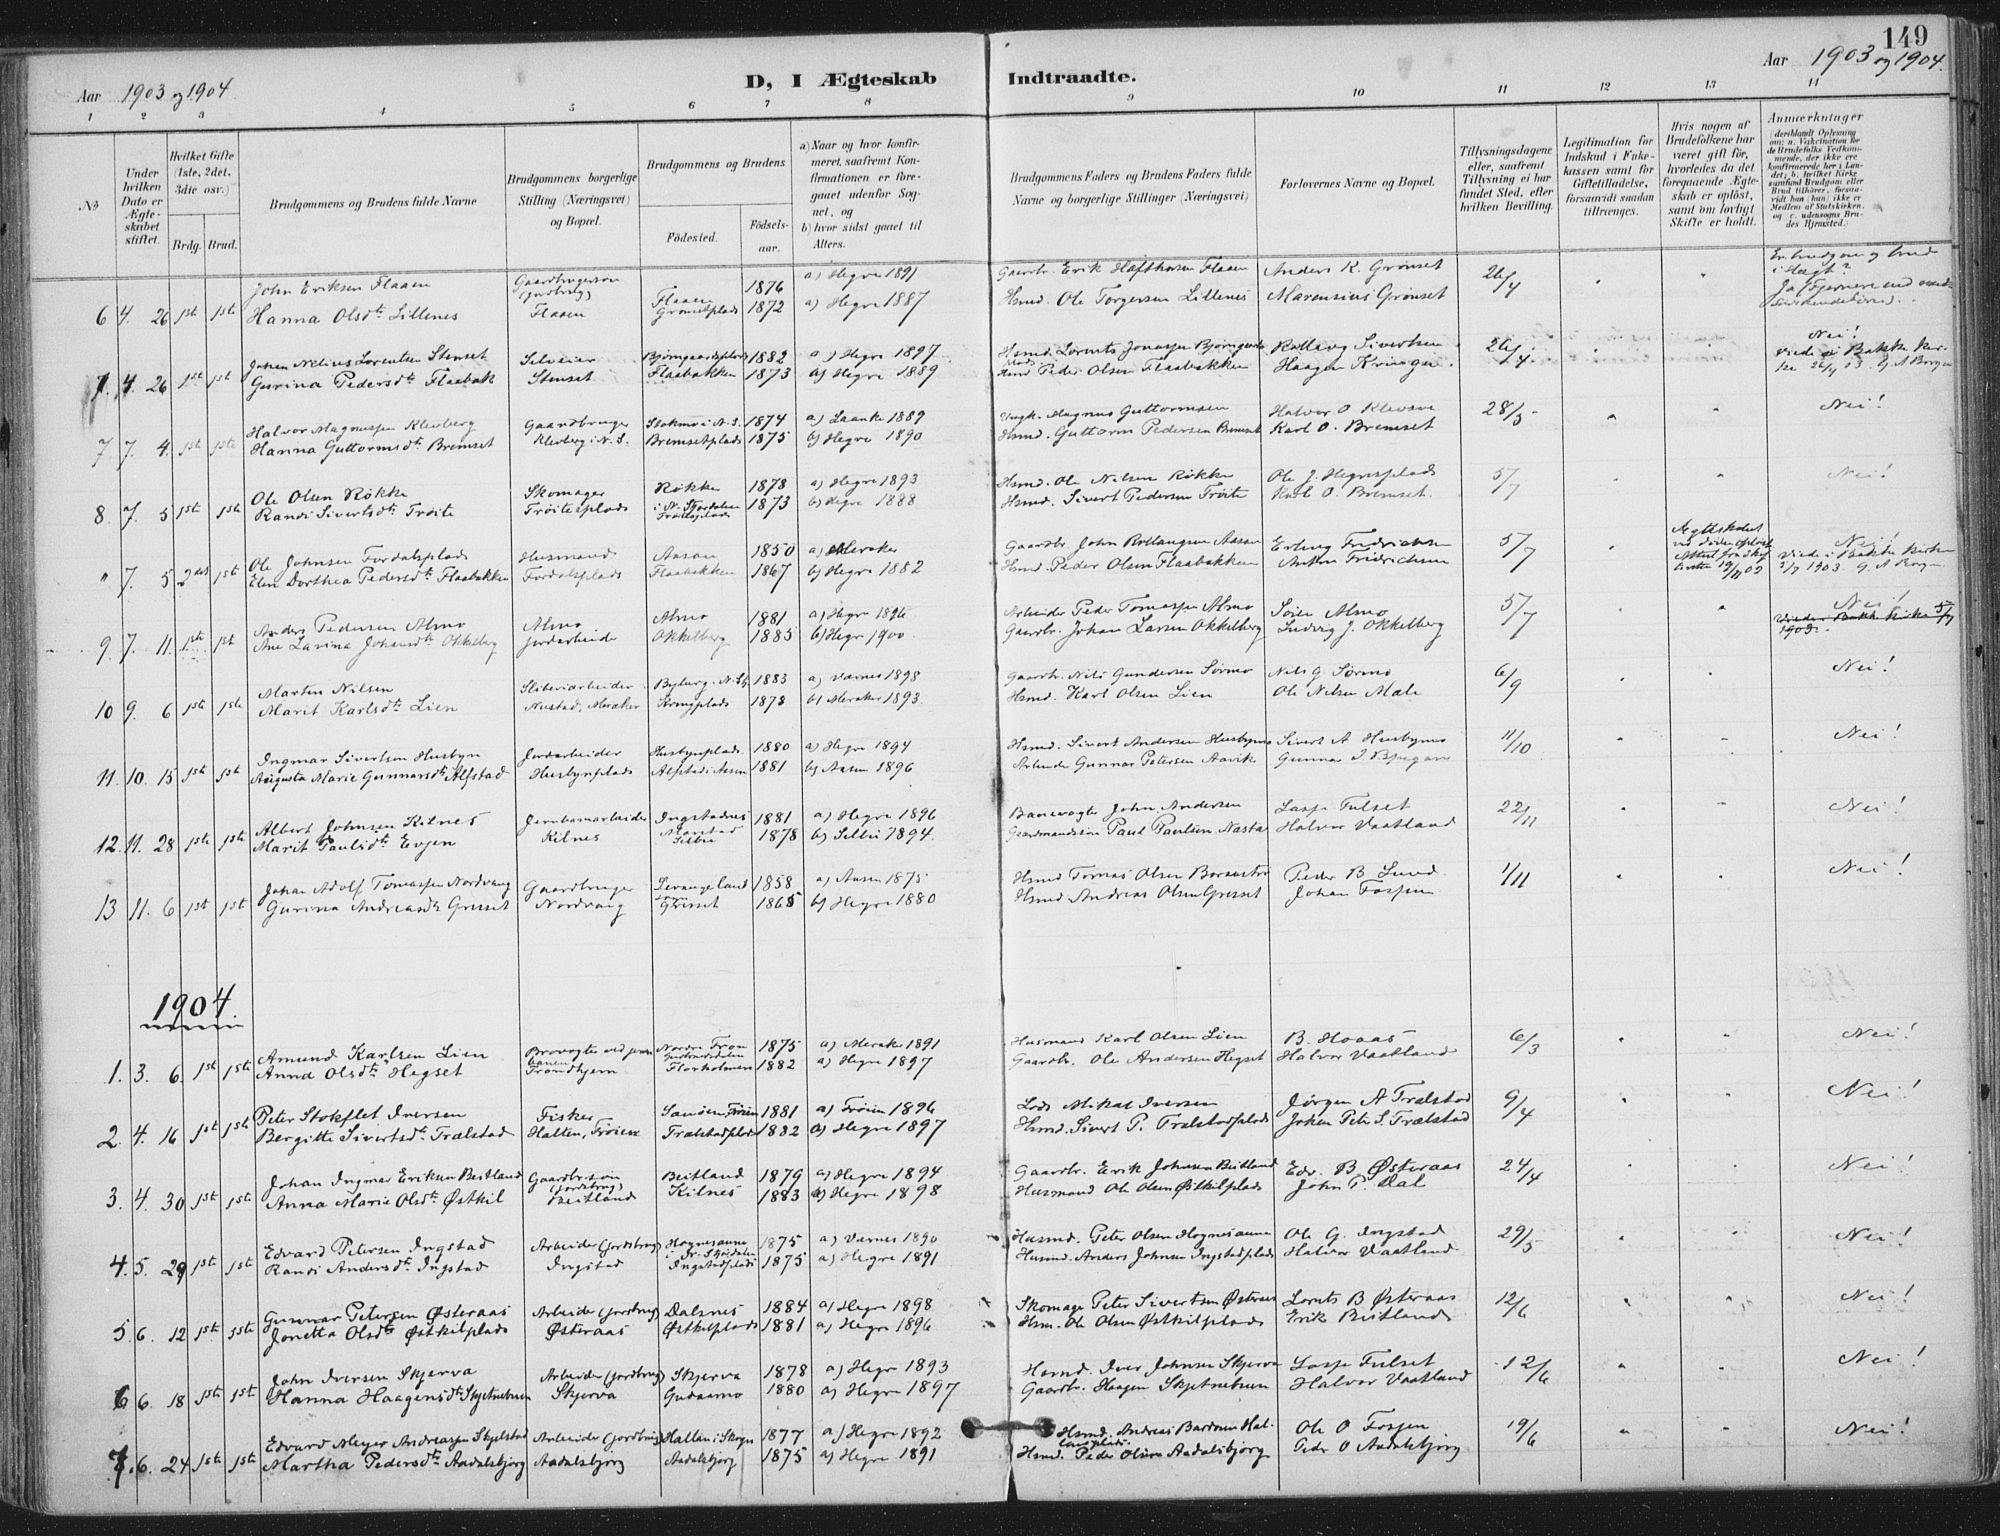 SAT, Ministerialprotokoller, klokkerbøker og fødselsregistre - Nord-Trøndelag, 703/L0031: Ministerialbok nr. 703A04, 1893-1914, s. 149